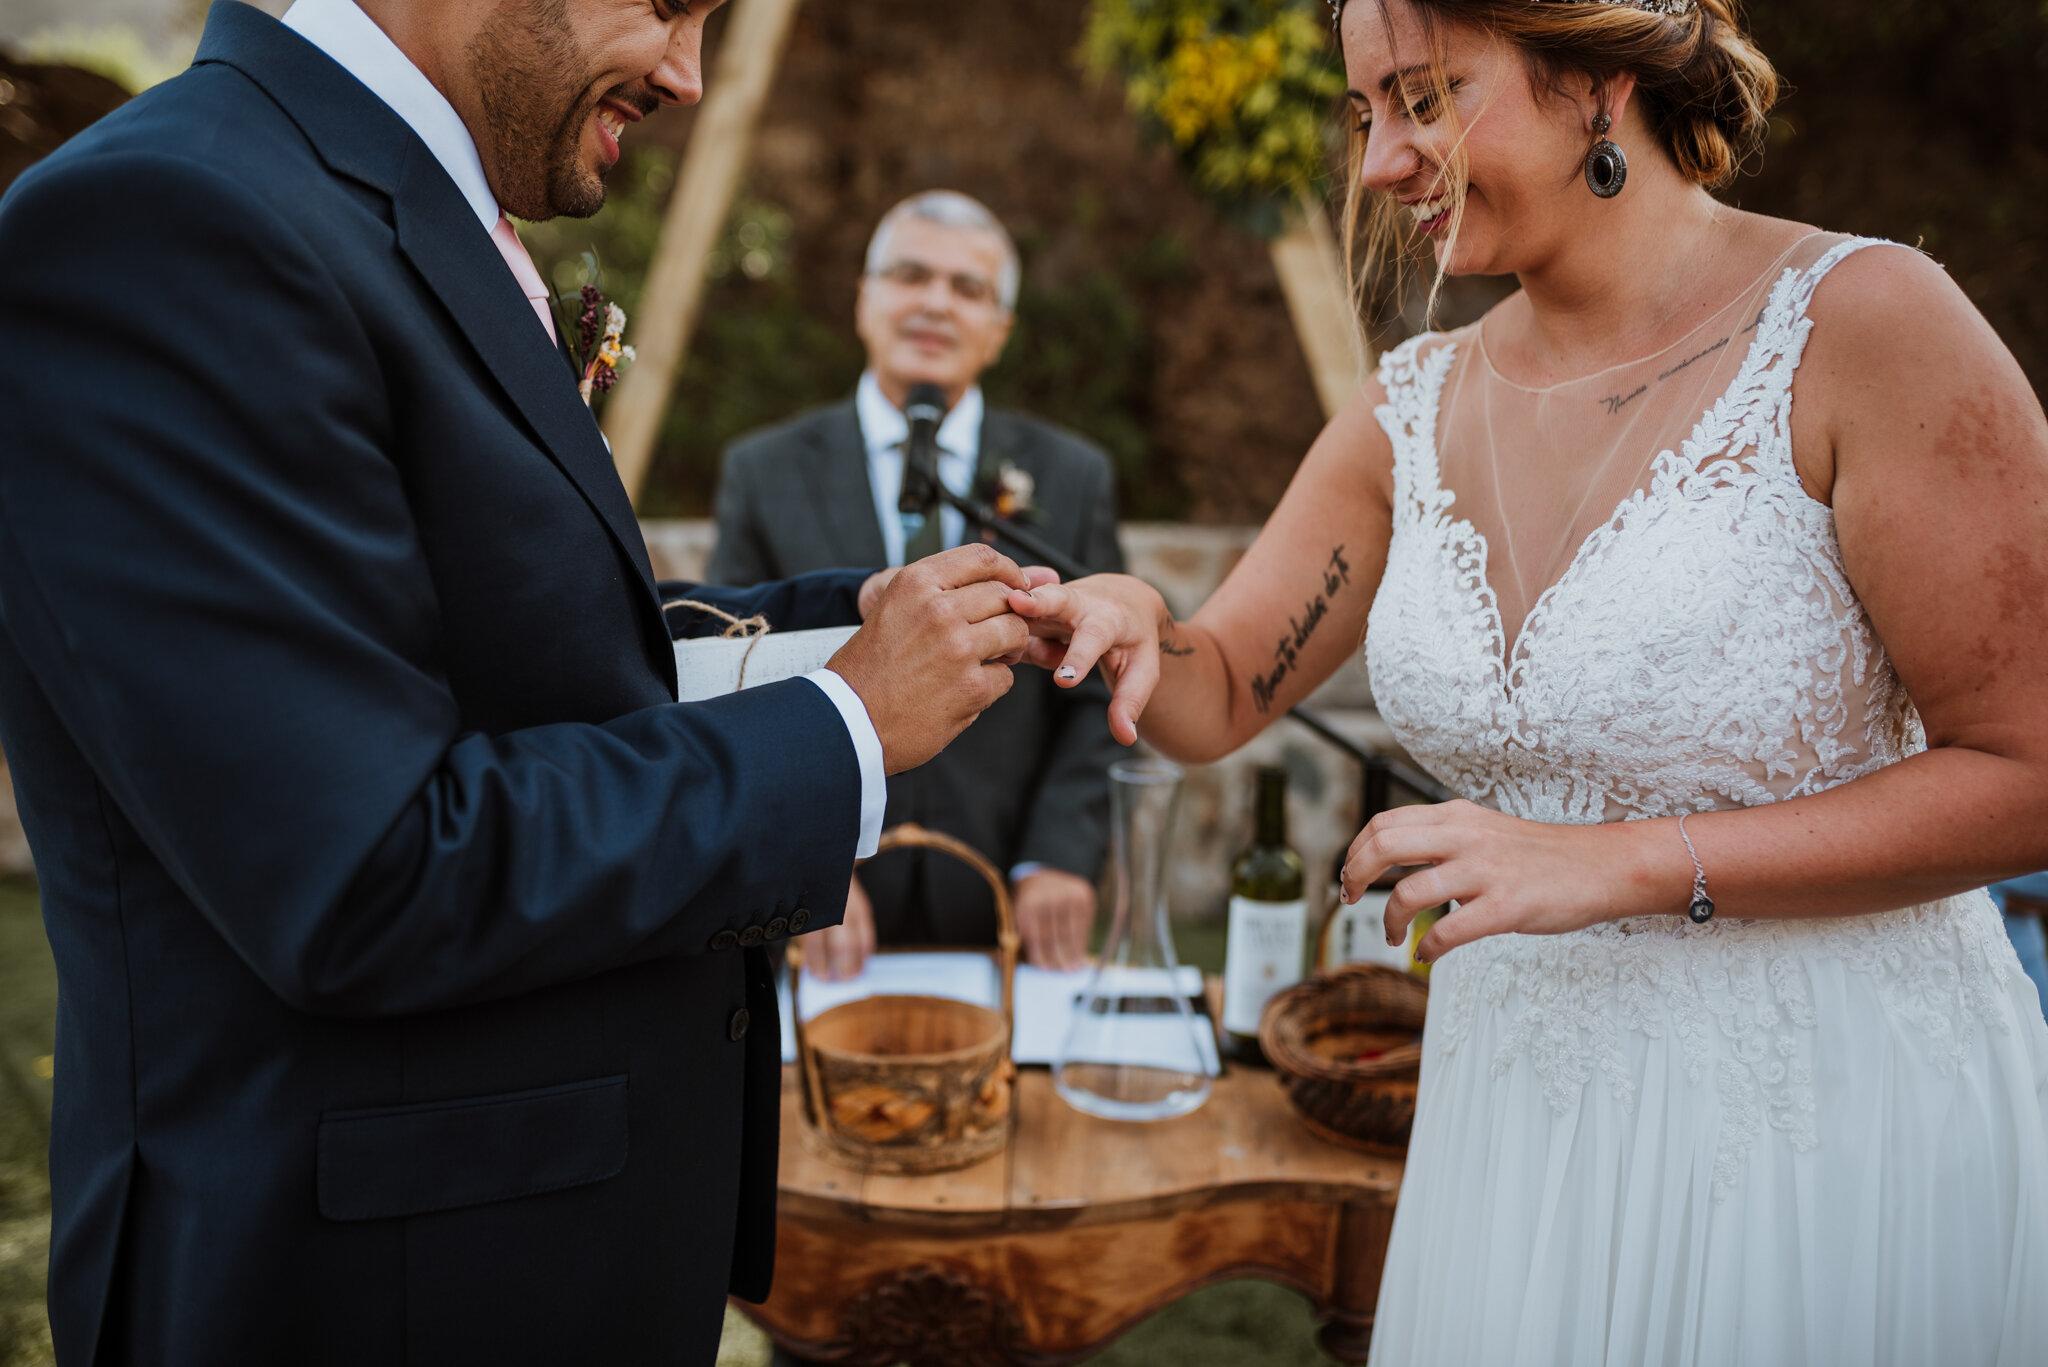 fotografo de bodas las palmas_-70.jpg